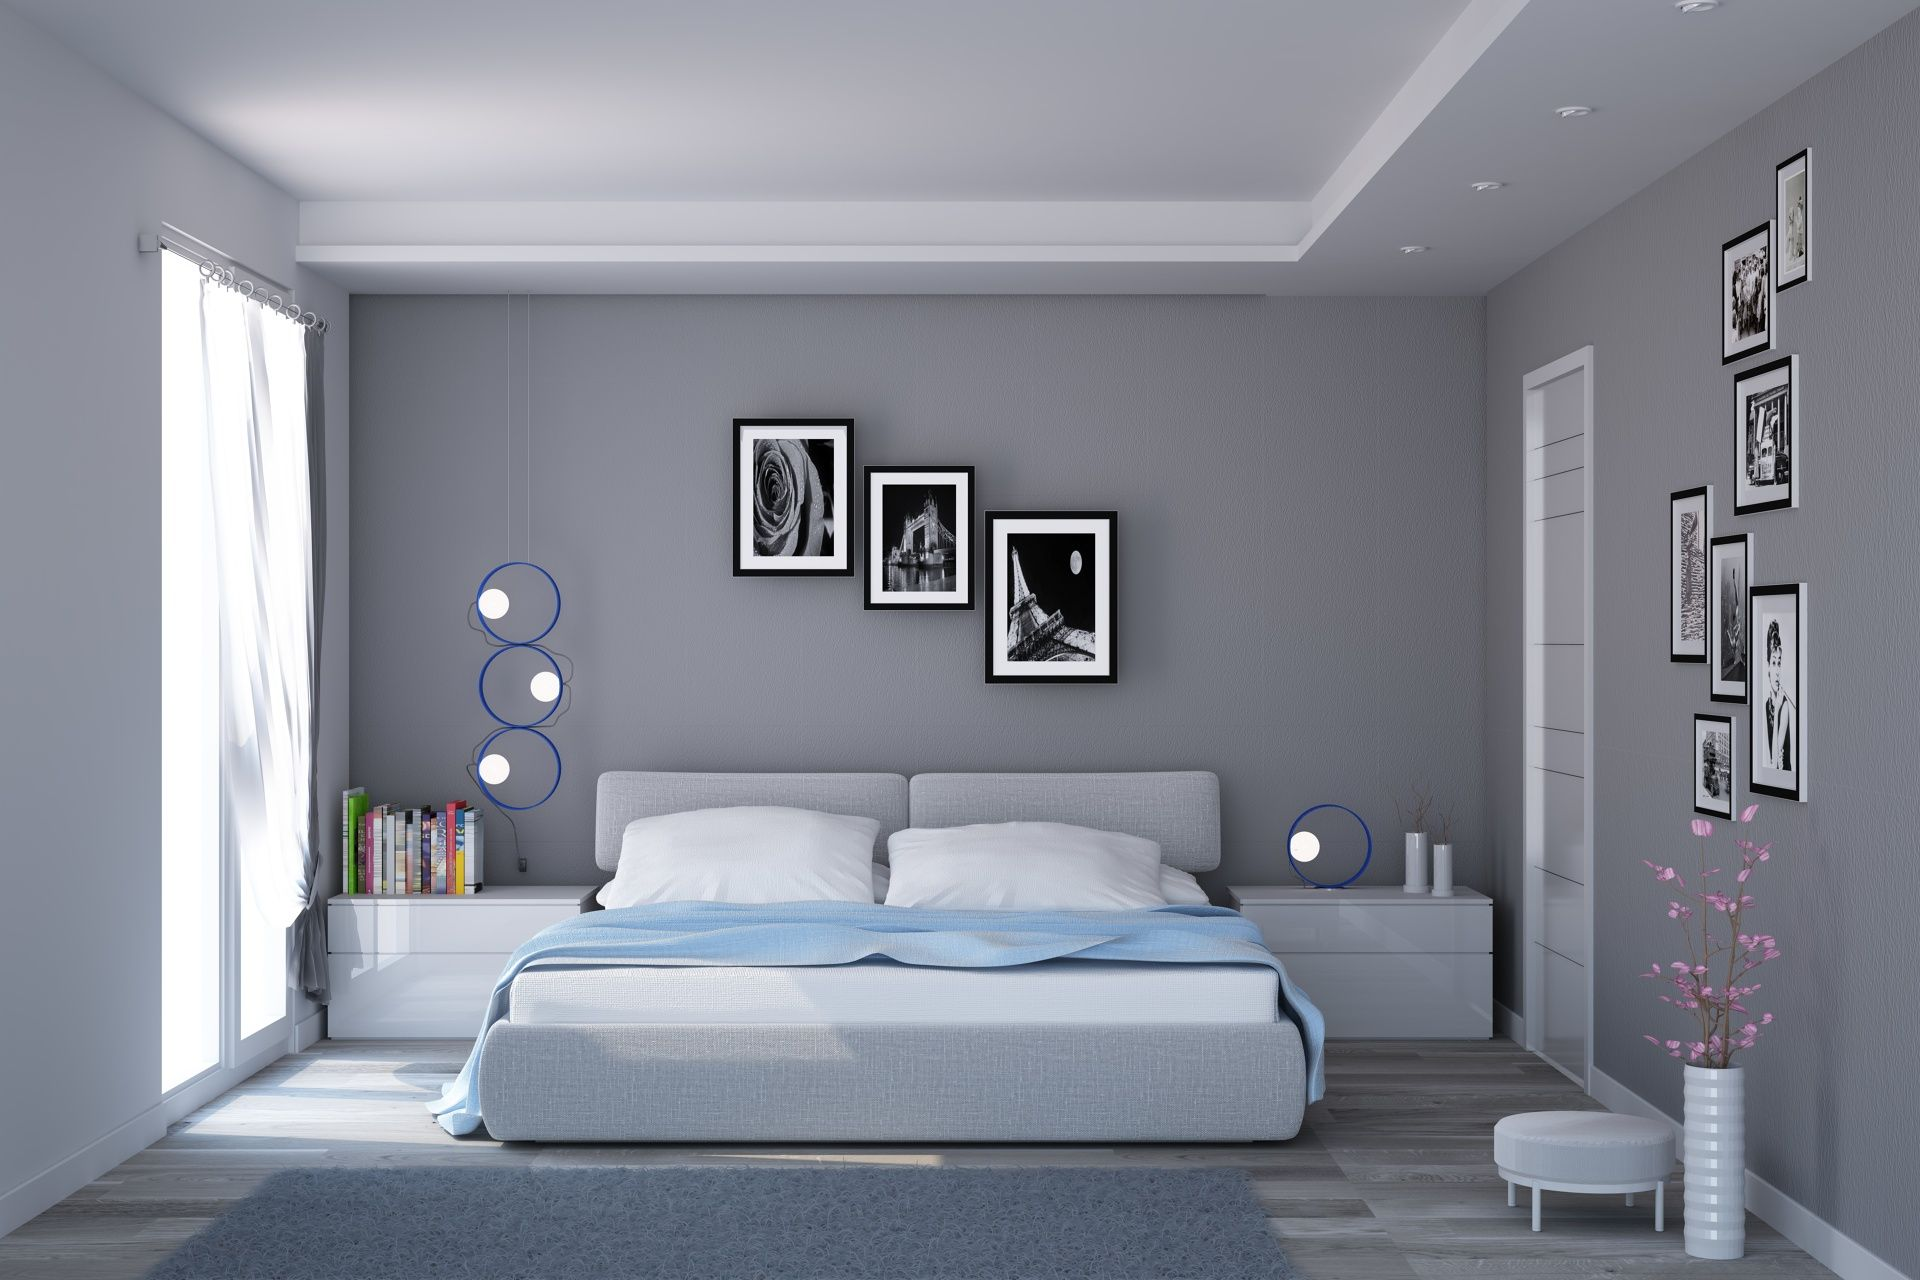 Pittura Stanza Da Letto pin su camera da letto